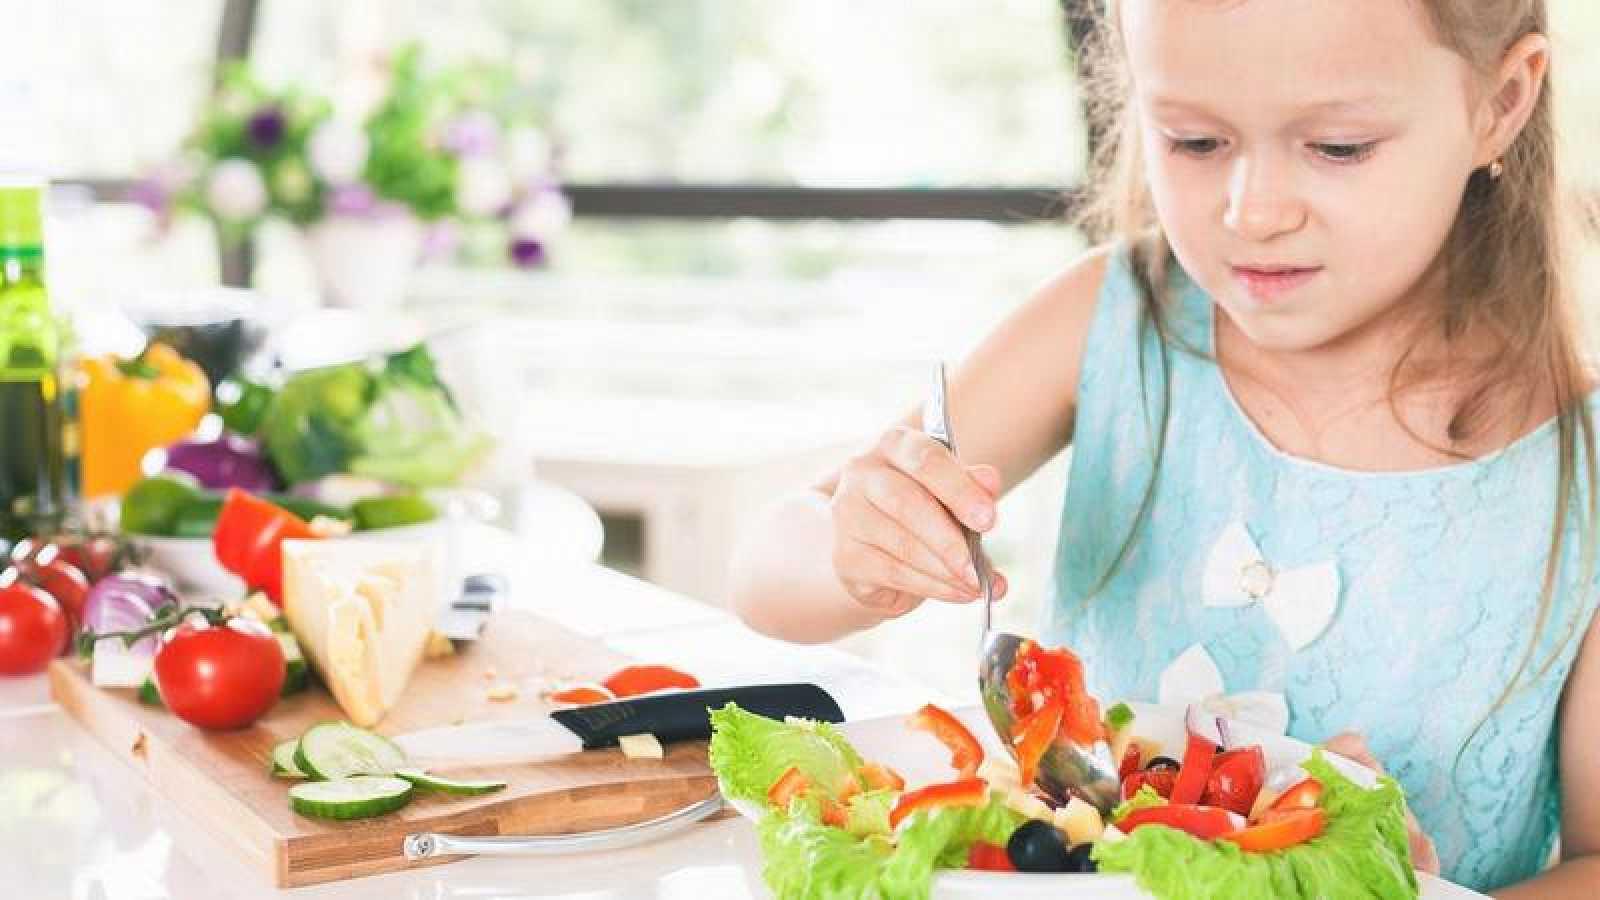 Una dieta saludable se asocia a pautas que restringen el consumo de azúcares y grasas, y fomentan el de pescados y verduras.